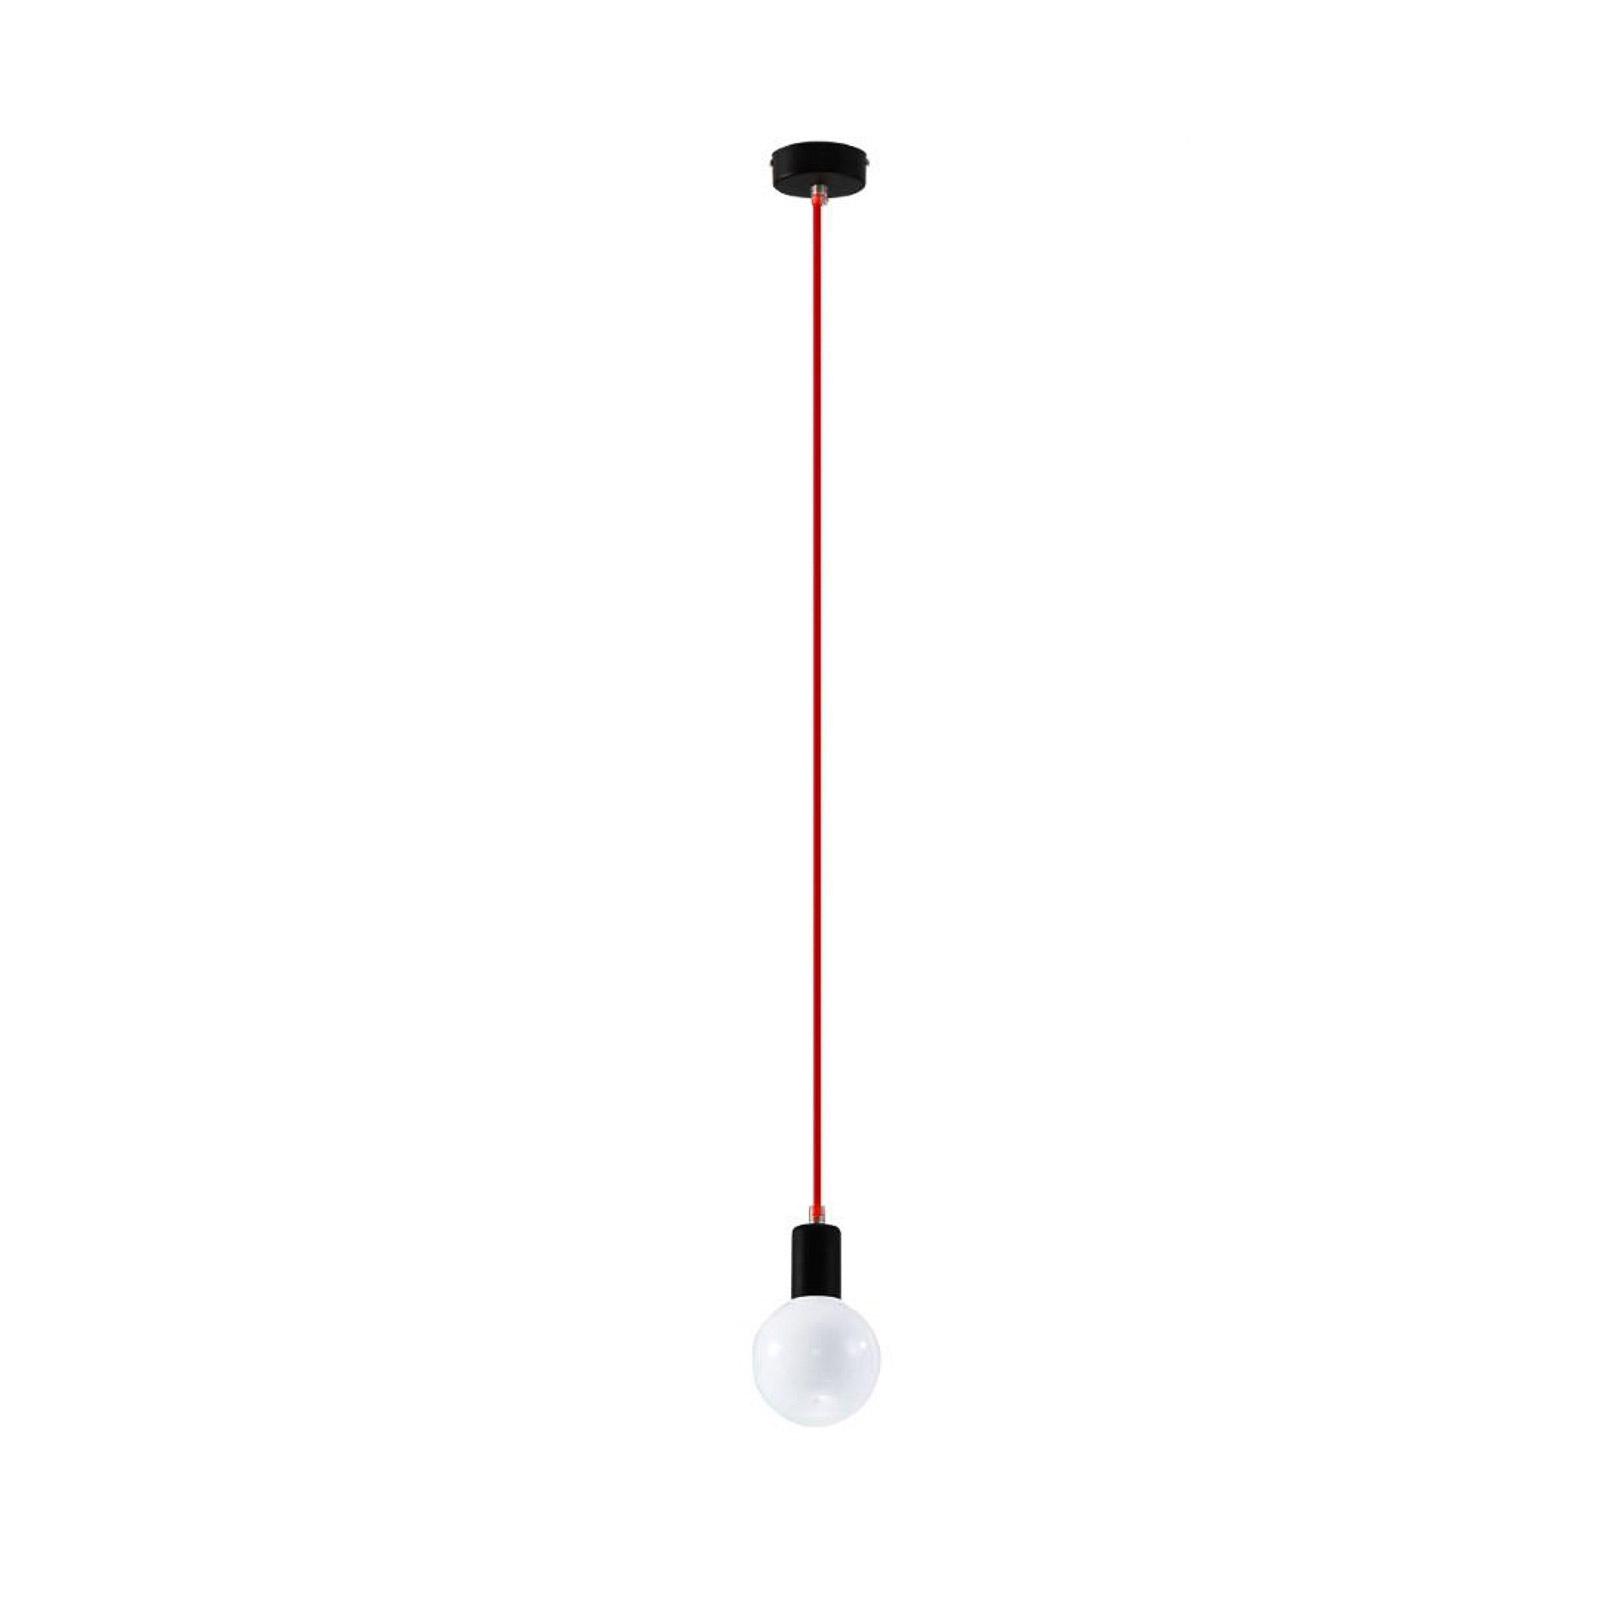 Závěsné světlo Simple, černá, kabel červený